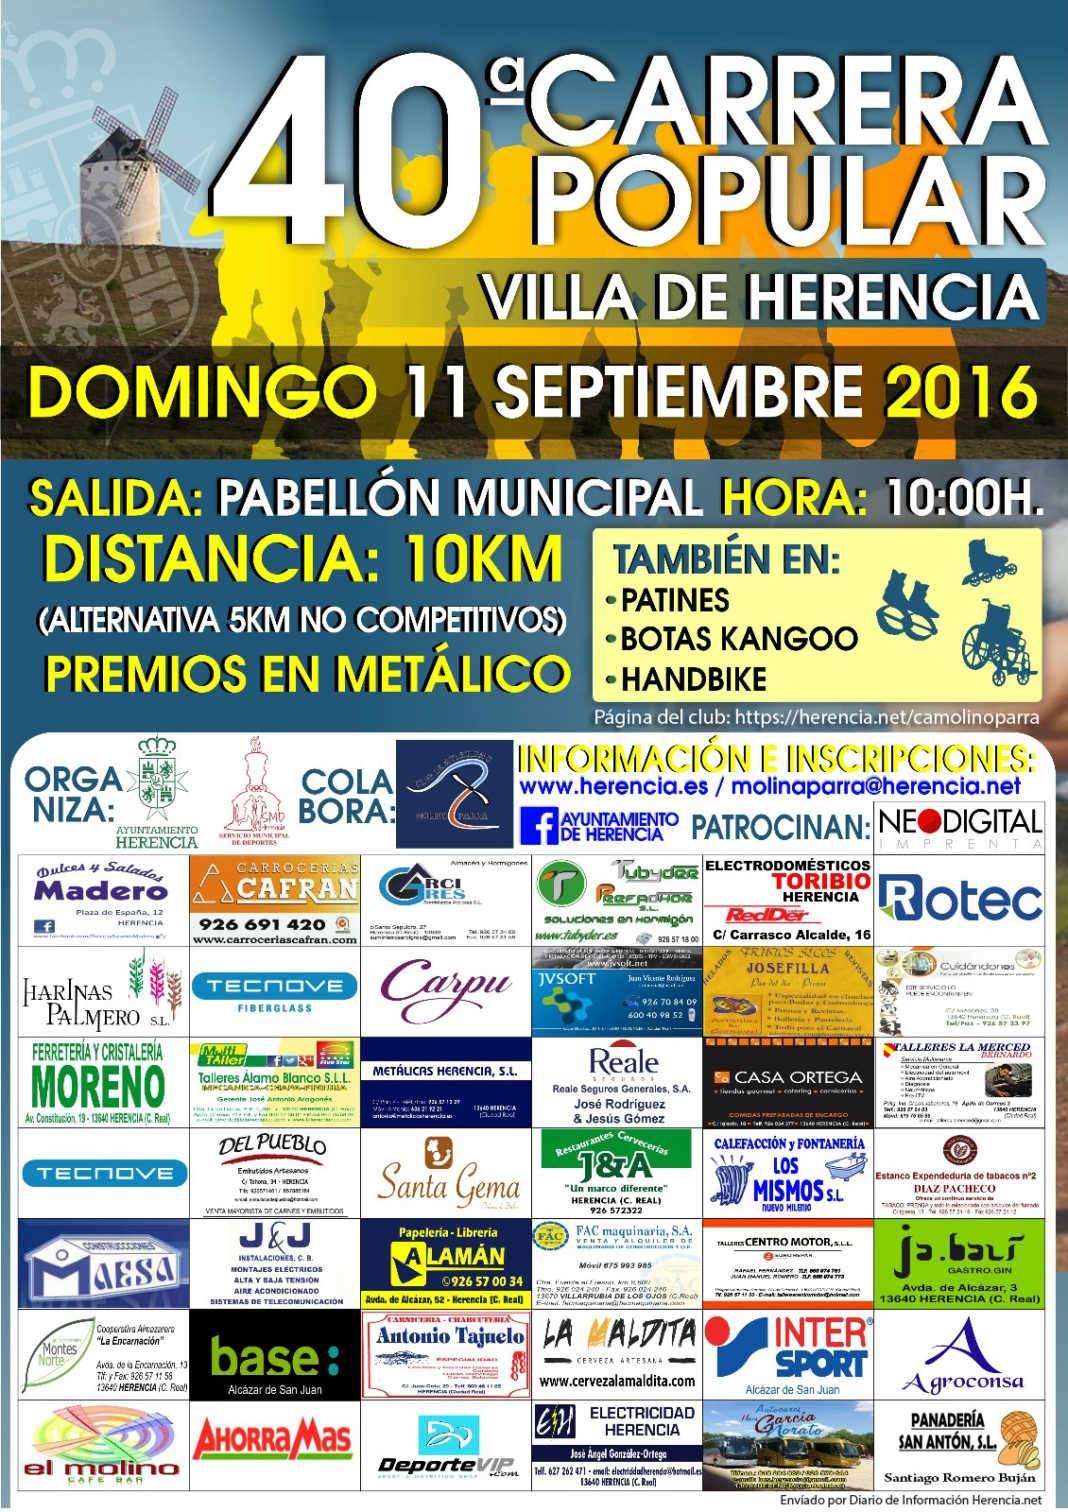 Abiertas las inscripciones para la 40ª Carrera Popular de Herencia (Ciudad Real) 1